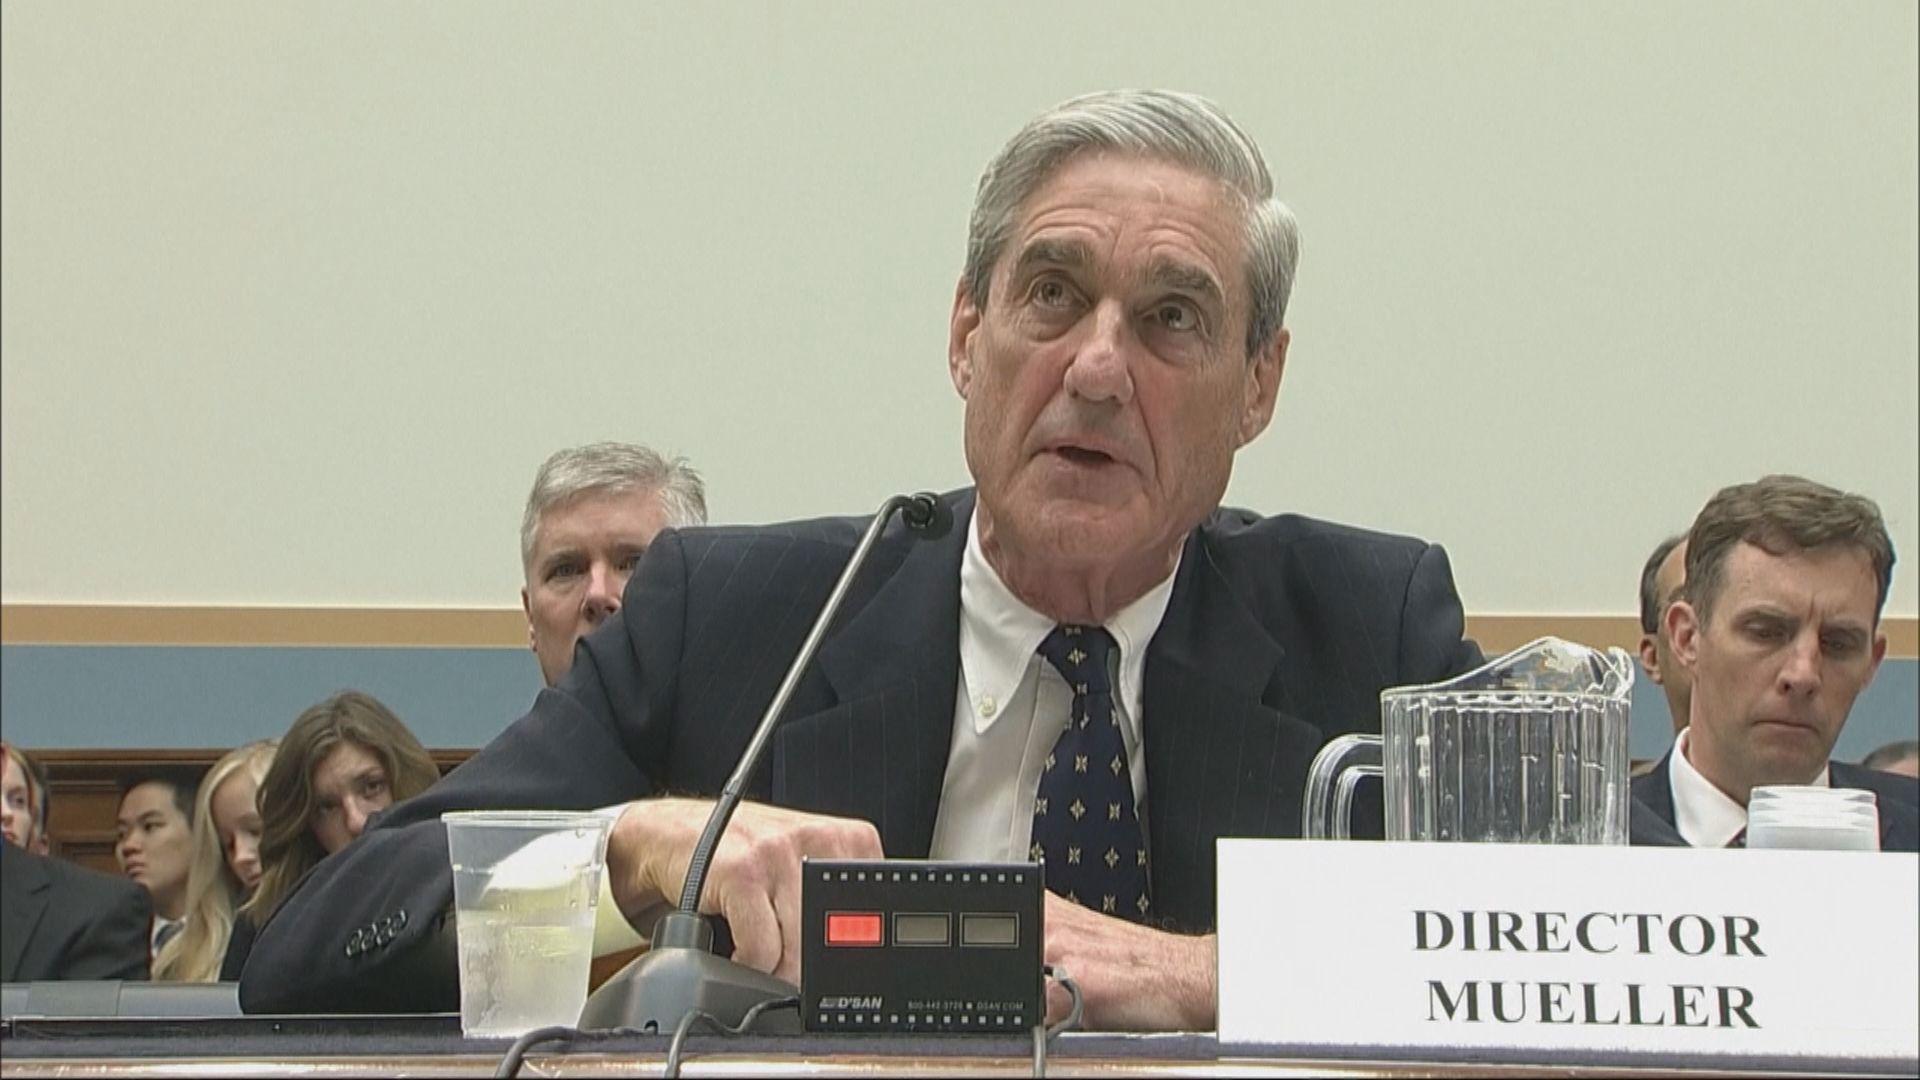 消息指通俄門調查報告沒再提起訴